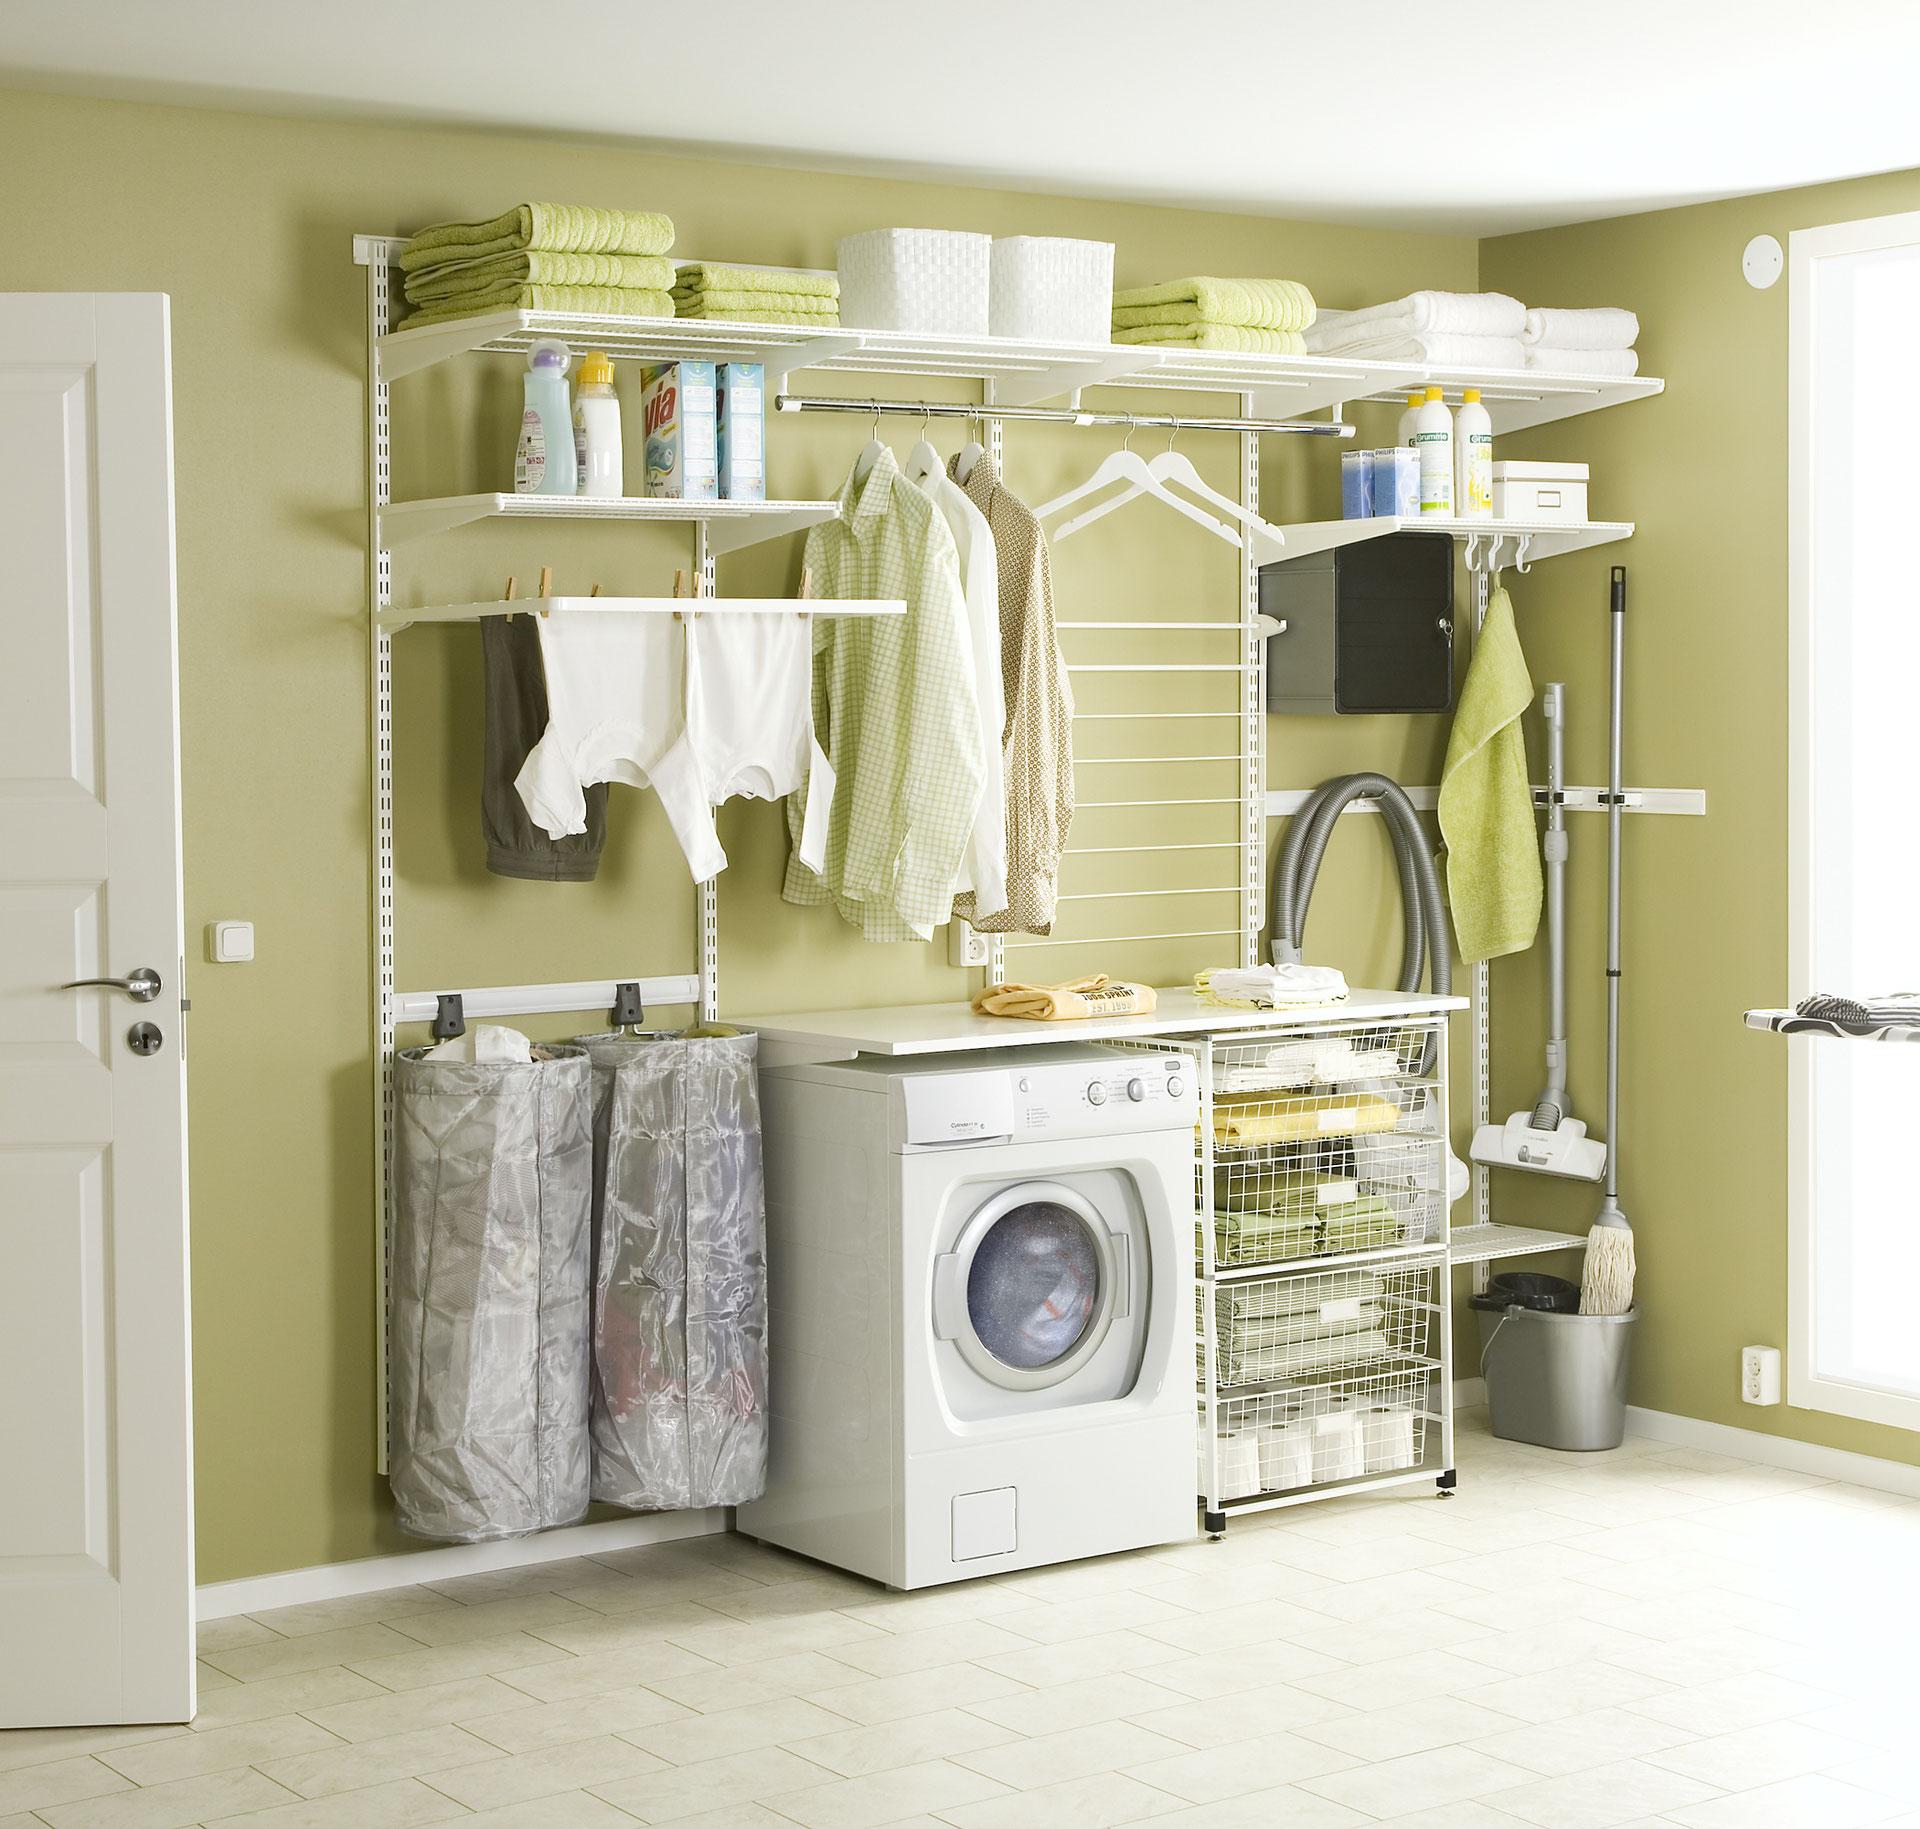 Hauswirtschaftsraum Optimal Einrichten Hauswirtschaftsraum Schaub